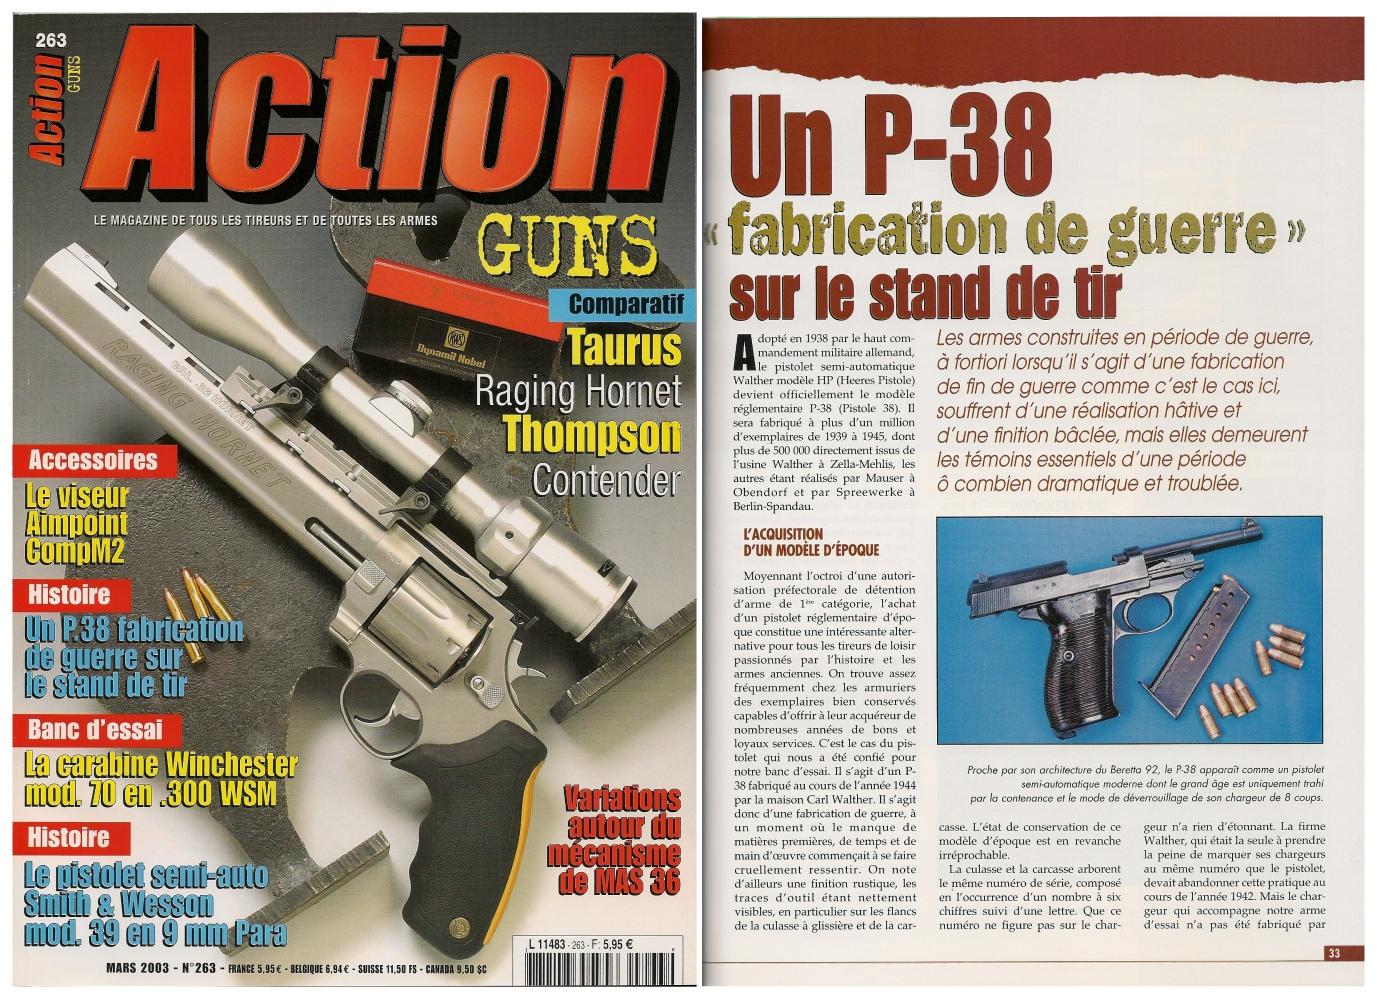 Le banc d'essai du pistolet Walther P-38 « fabrication de guerre » a été publié sur 5 pages dans le magazine Action Guns n°263 (mars 2003).